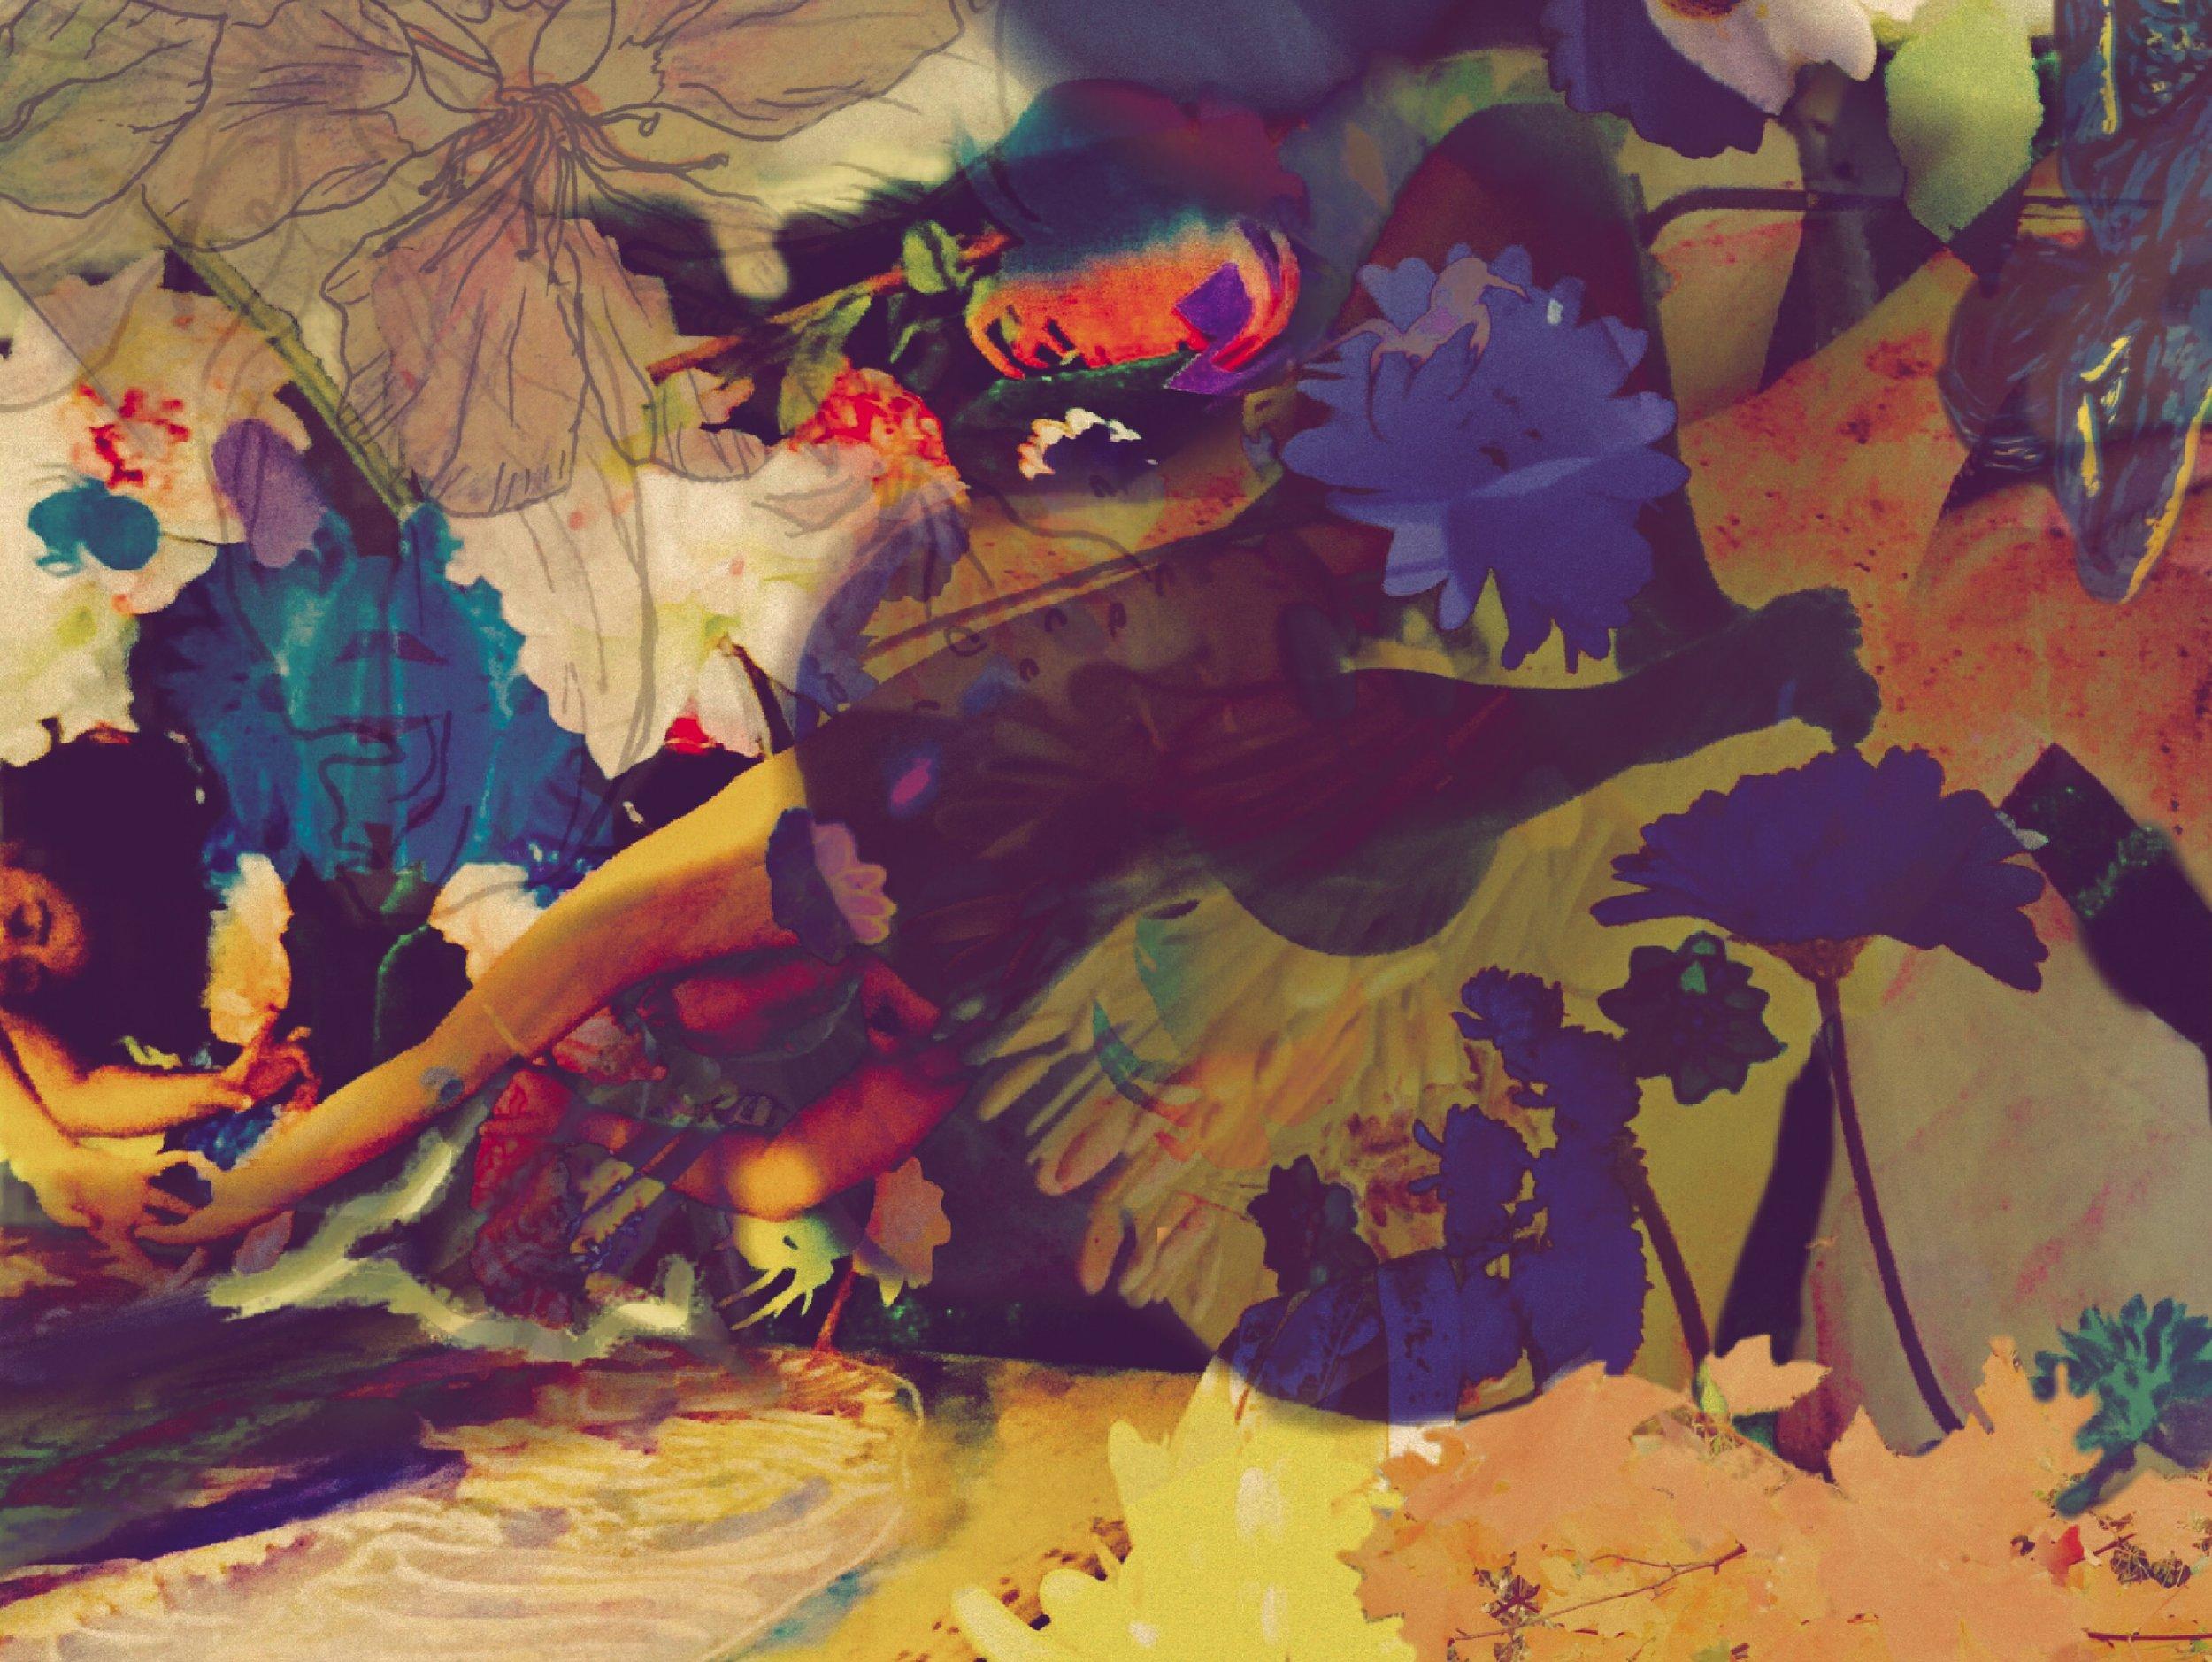 50_LizbethMata_(series2)_Untitled2.JPEG